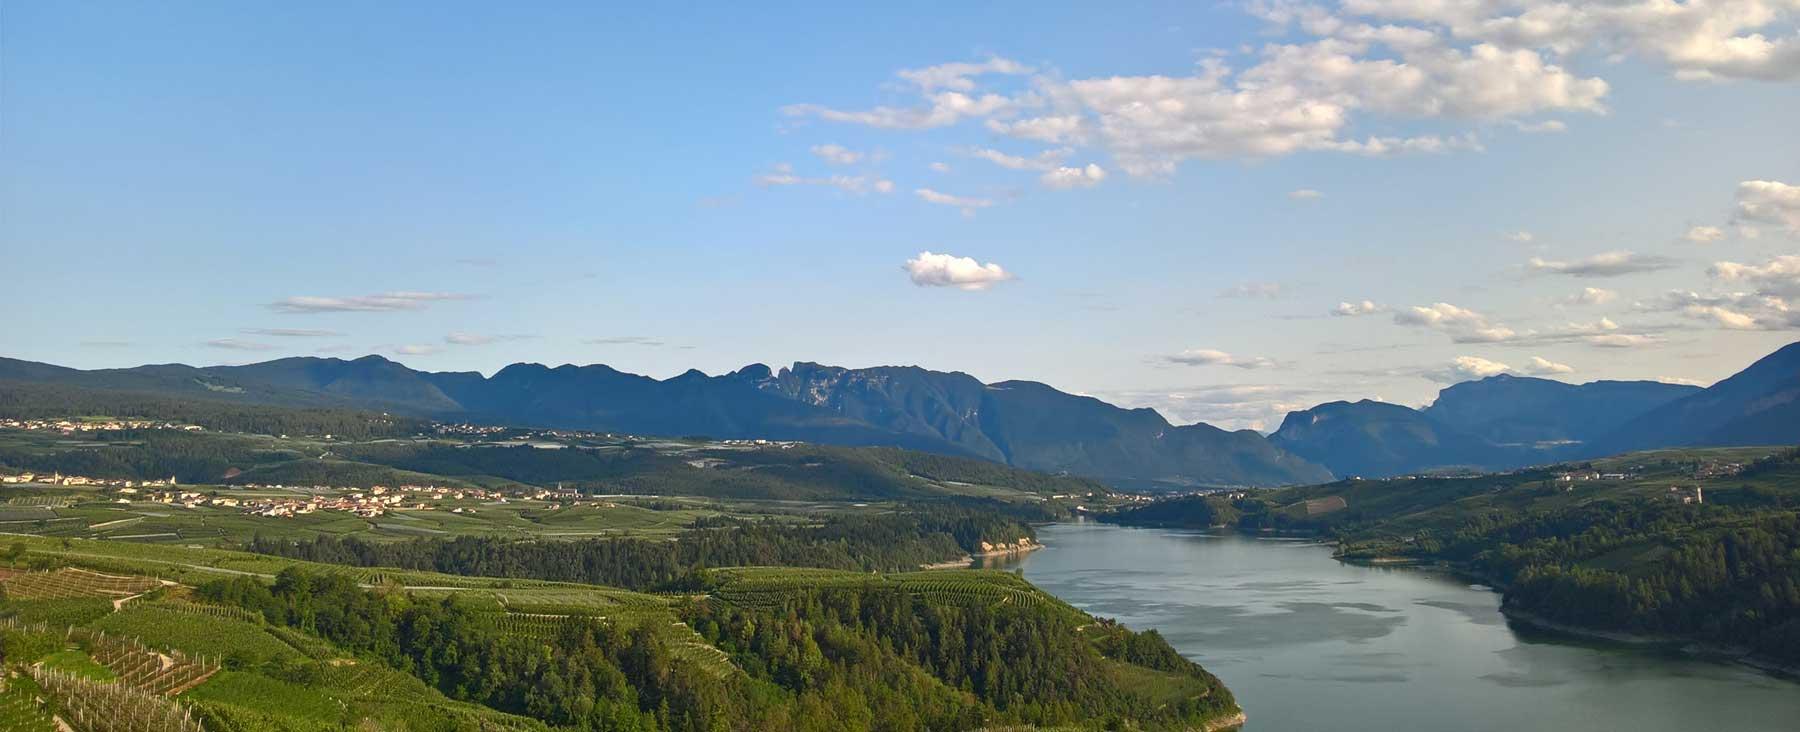 Lago, montagna, cultura e sport: il Trentino ti offre tutto questo e molto di più.